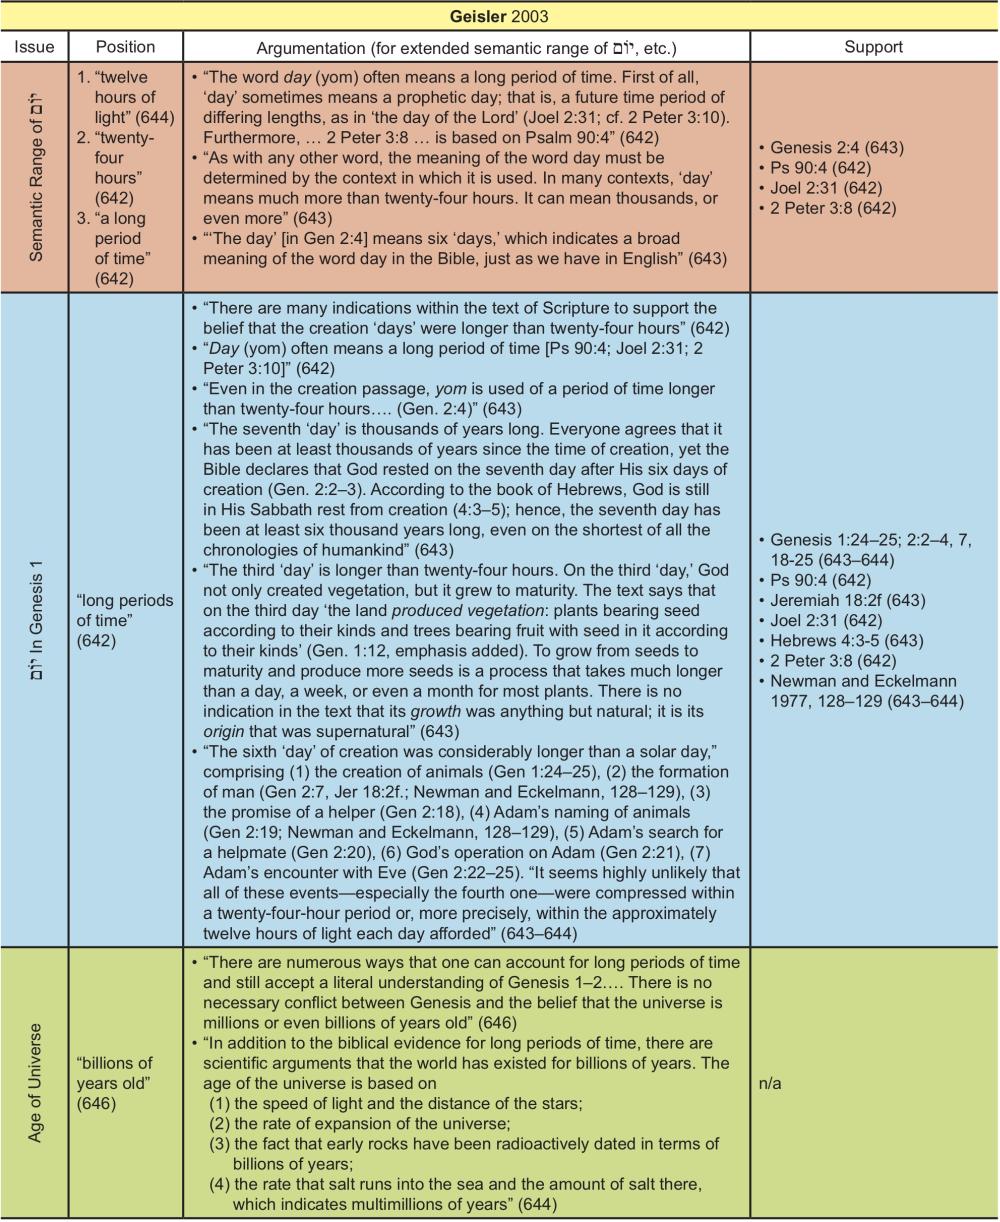 Appendix Table 13